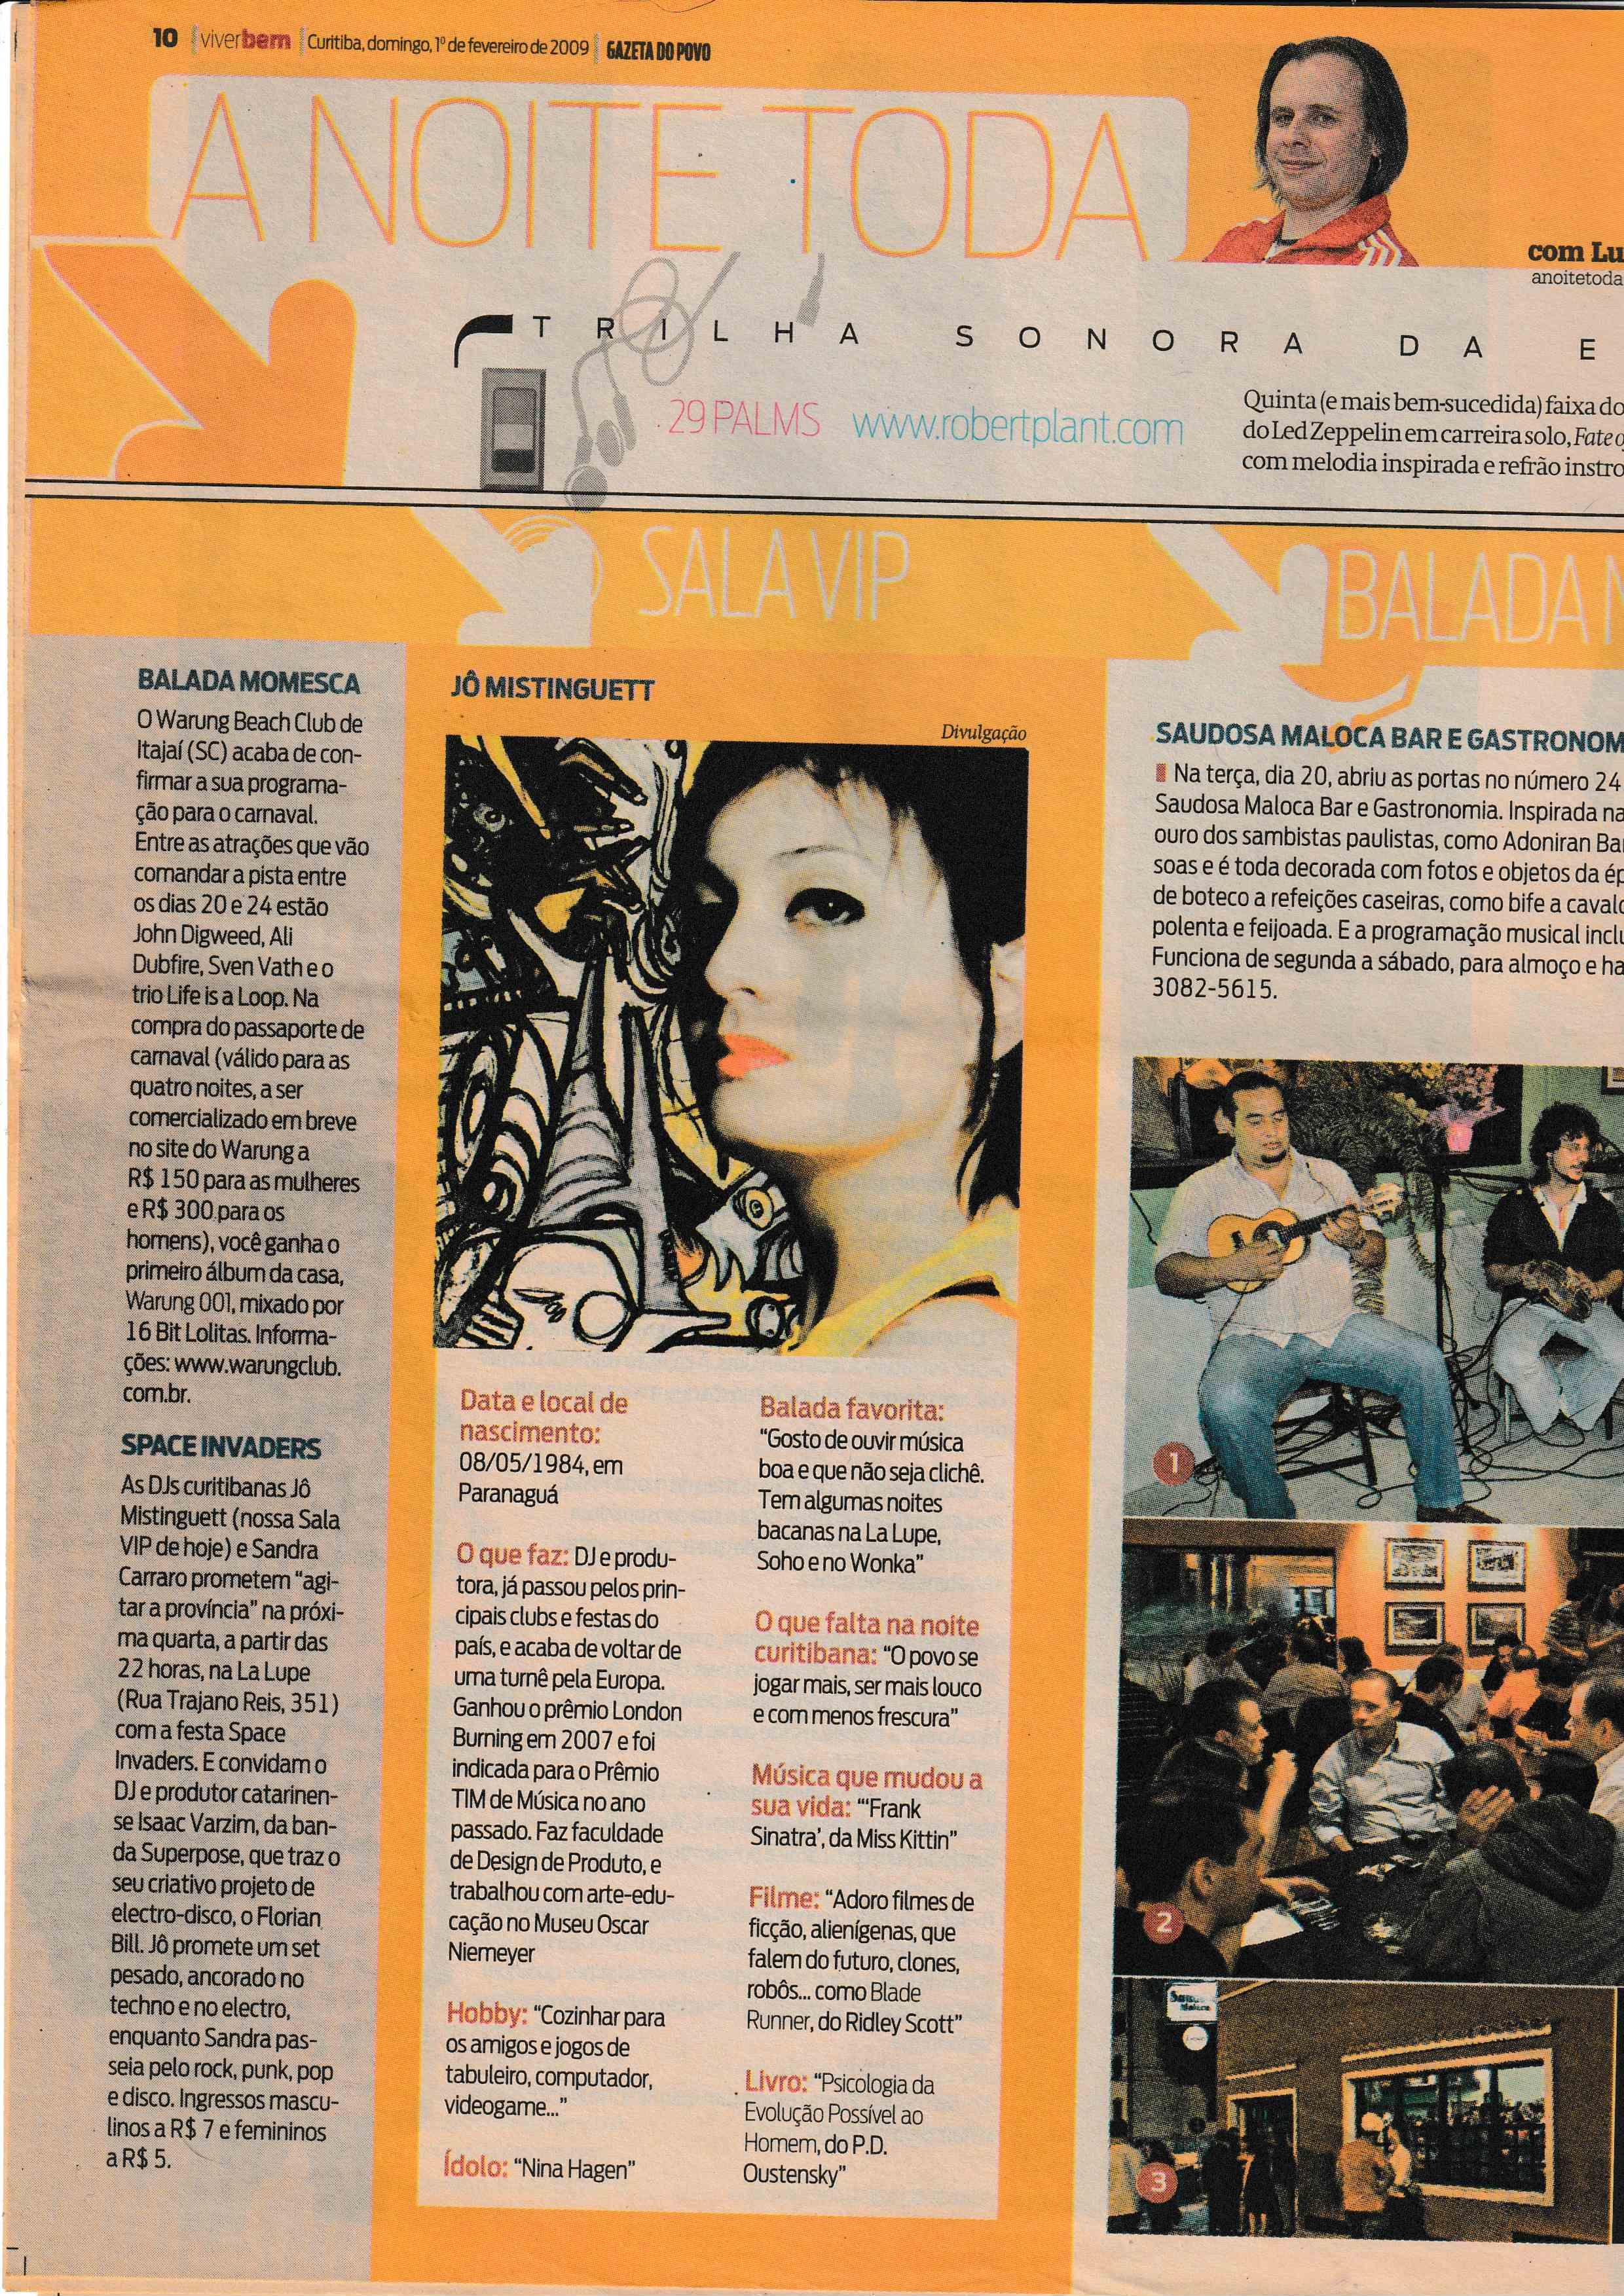 Gazeta do Povo 2009